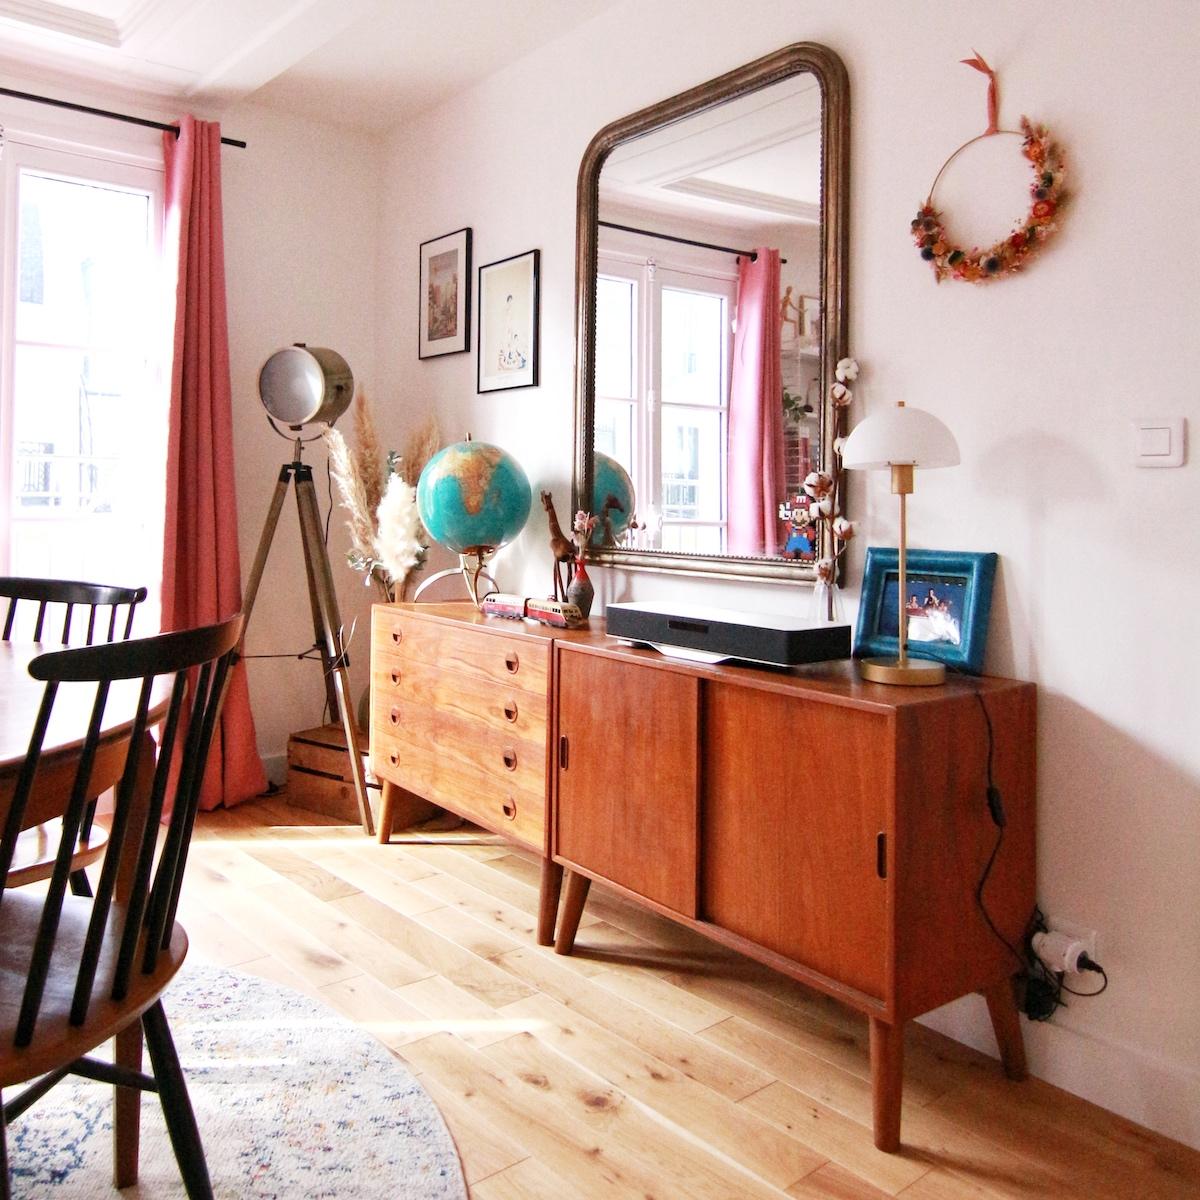 meuble en teck miroir vieilli doré déco murale fleurs séchées